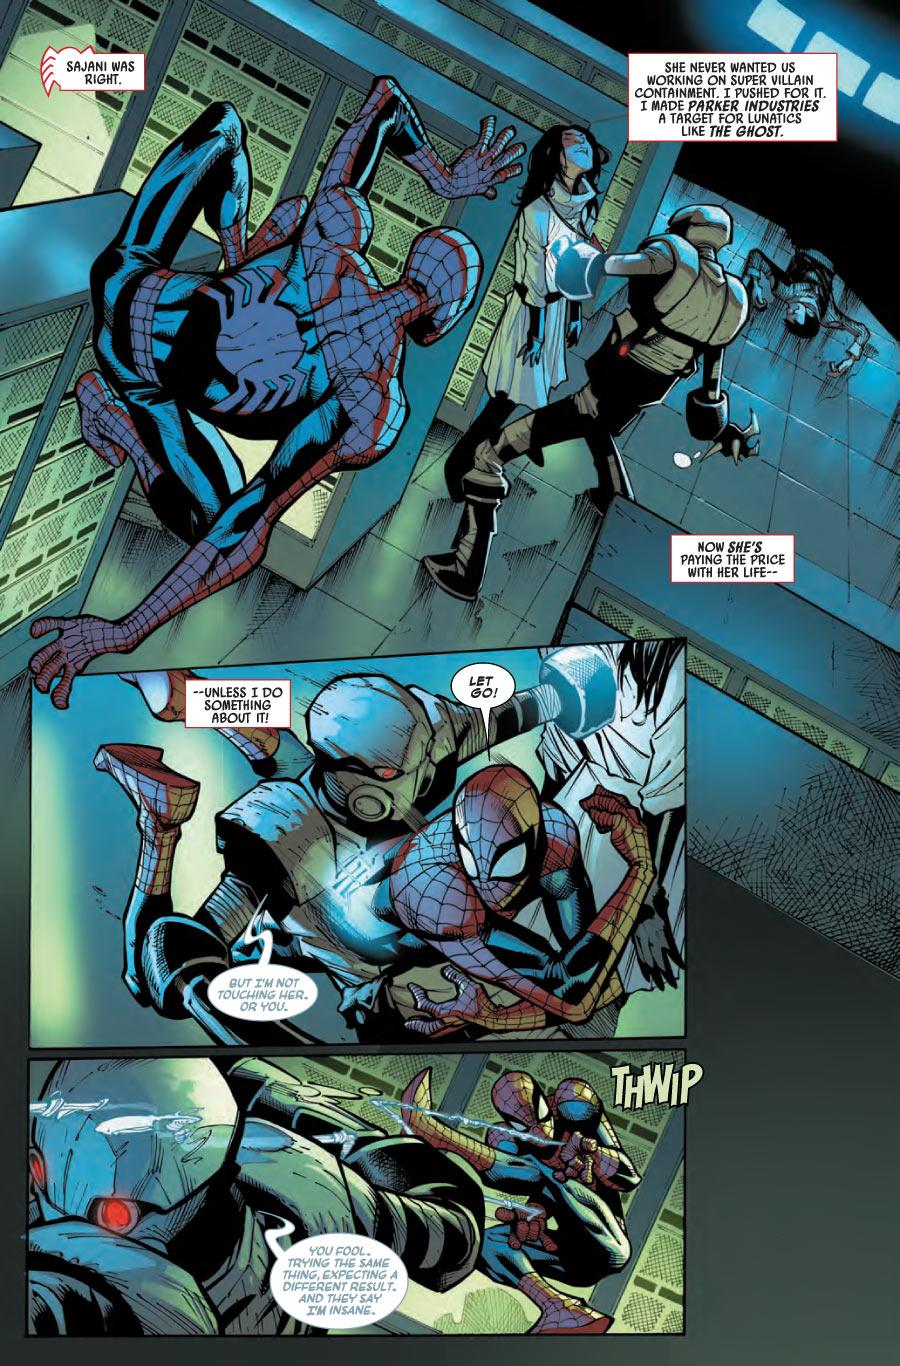 AmazingSpider-Man(2014)#18--p1